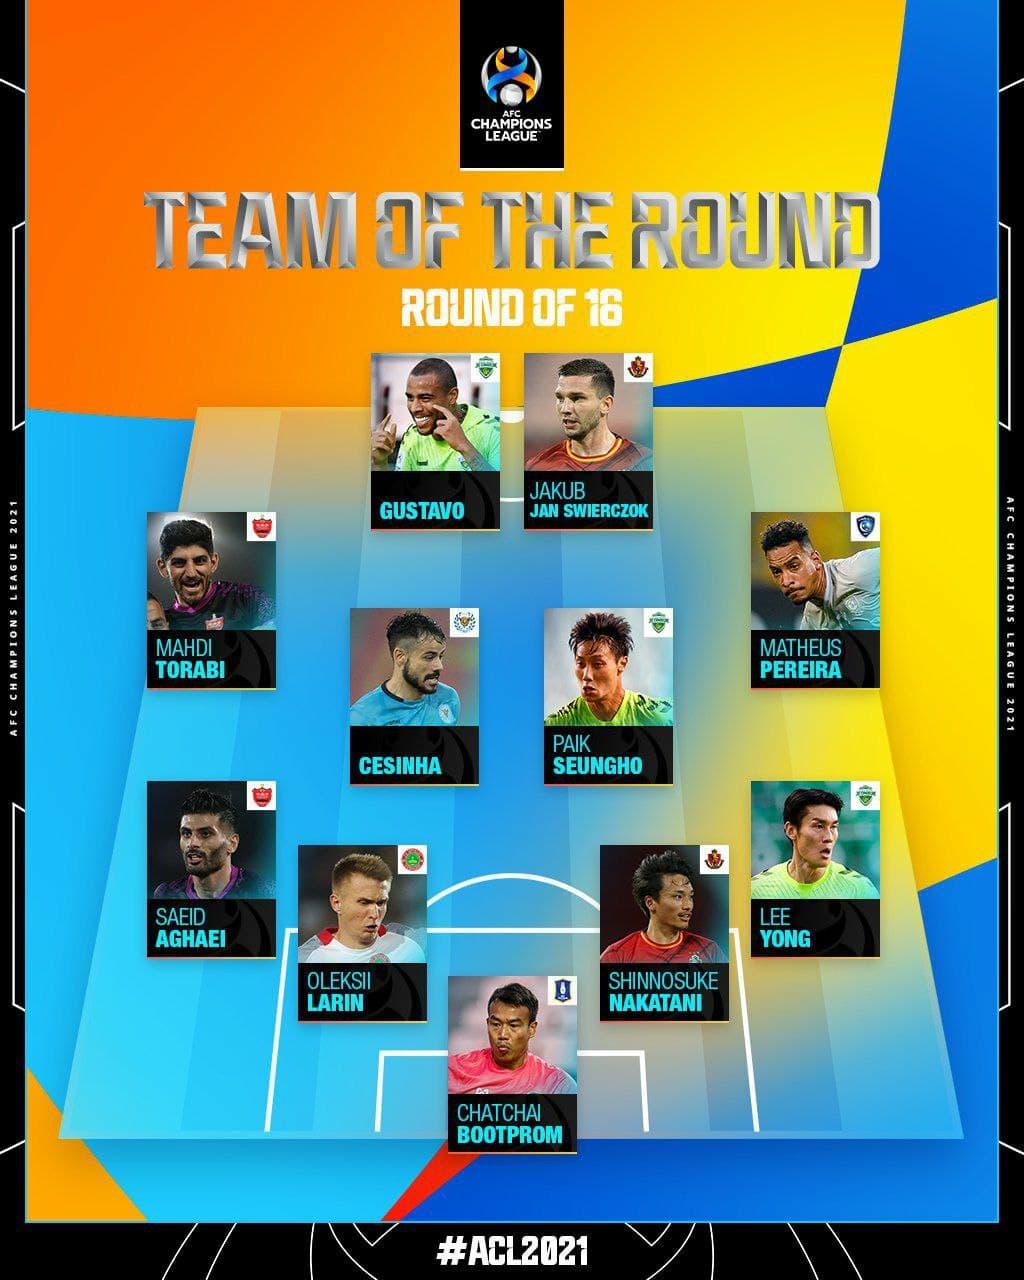 دو پرسپولیسی در تیم منتخب هفته لیگ قهرمانان آسیا/عکس